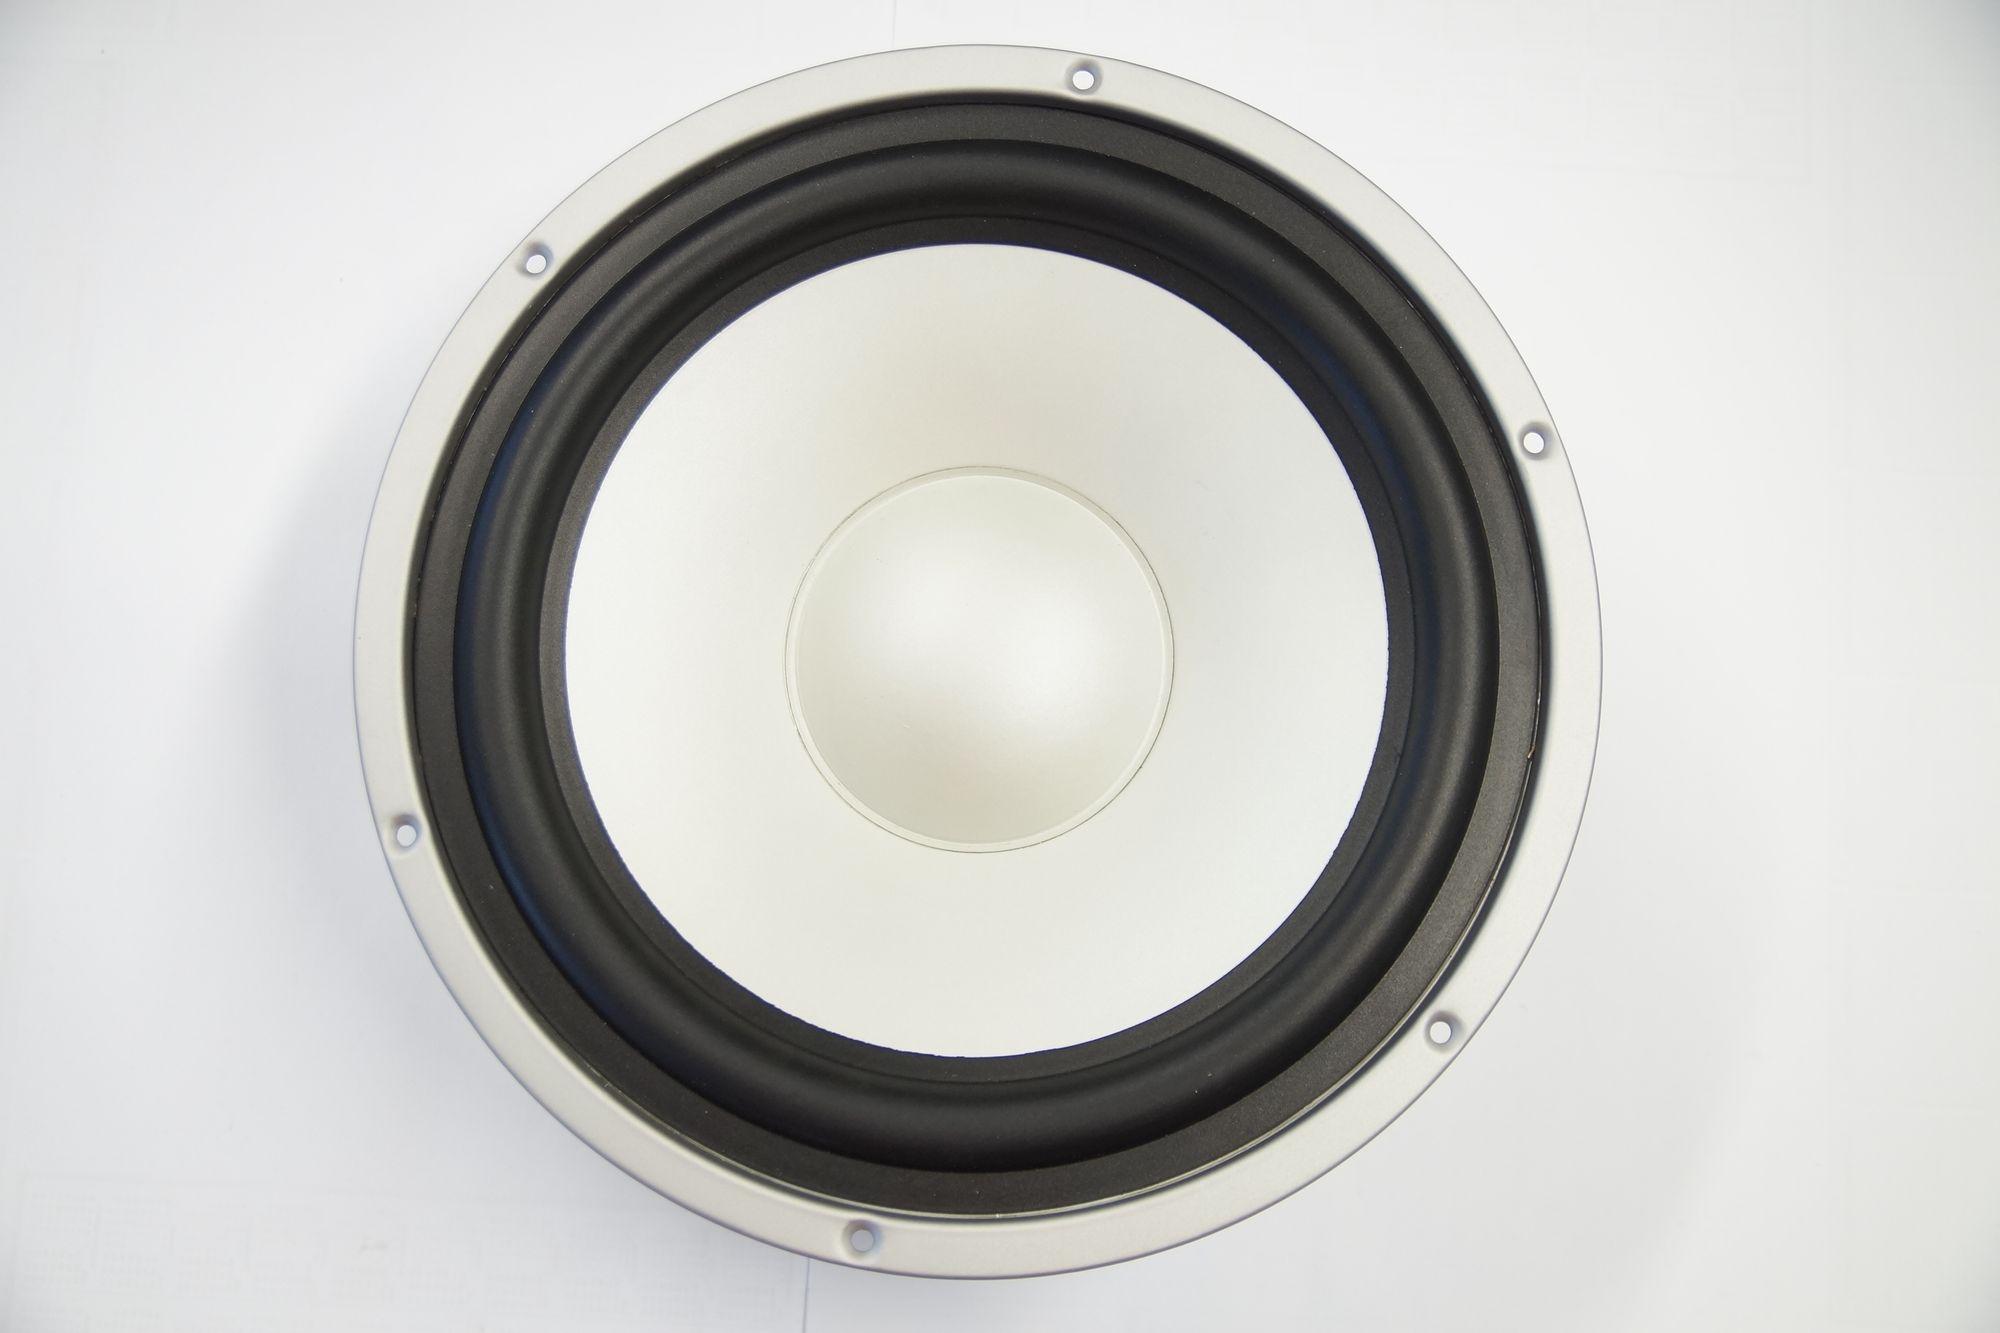 1 Stück 30 cm Subwoofer Magnat MW 310 4P140 Basslautsprecher Tieftöner  – Bild 1